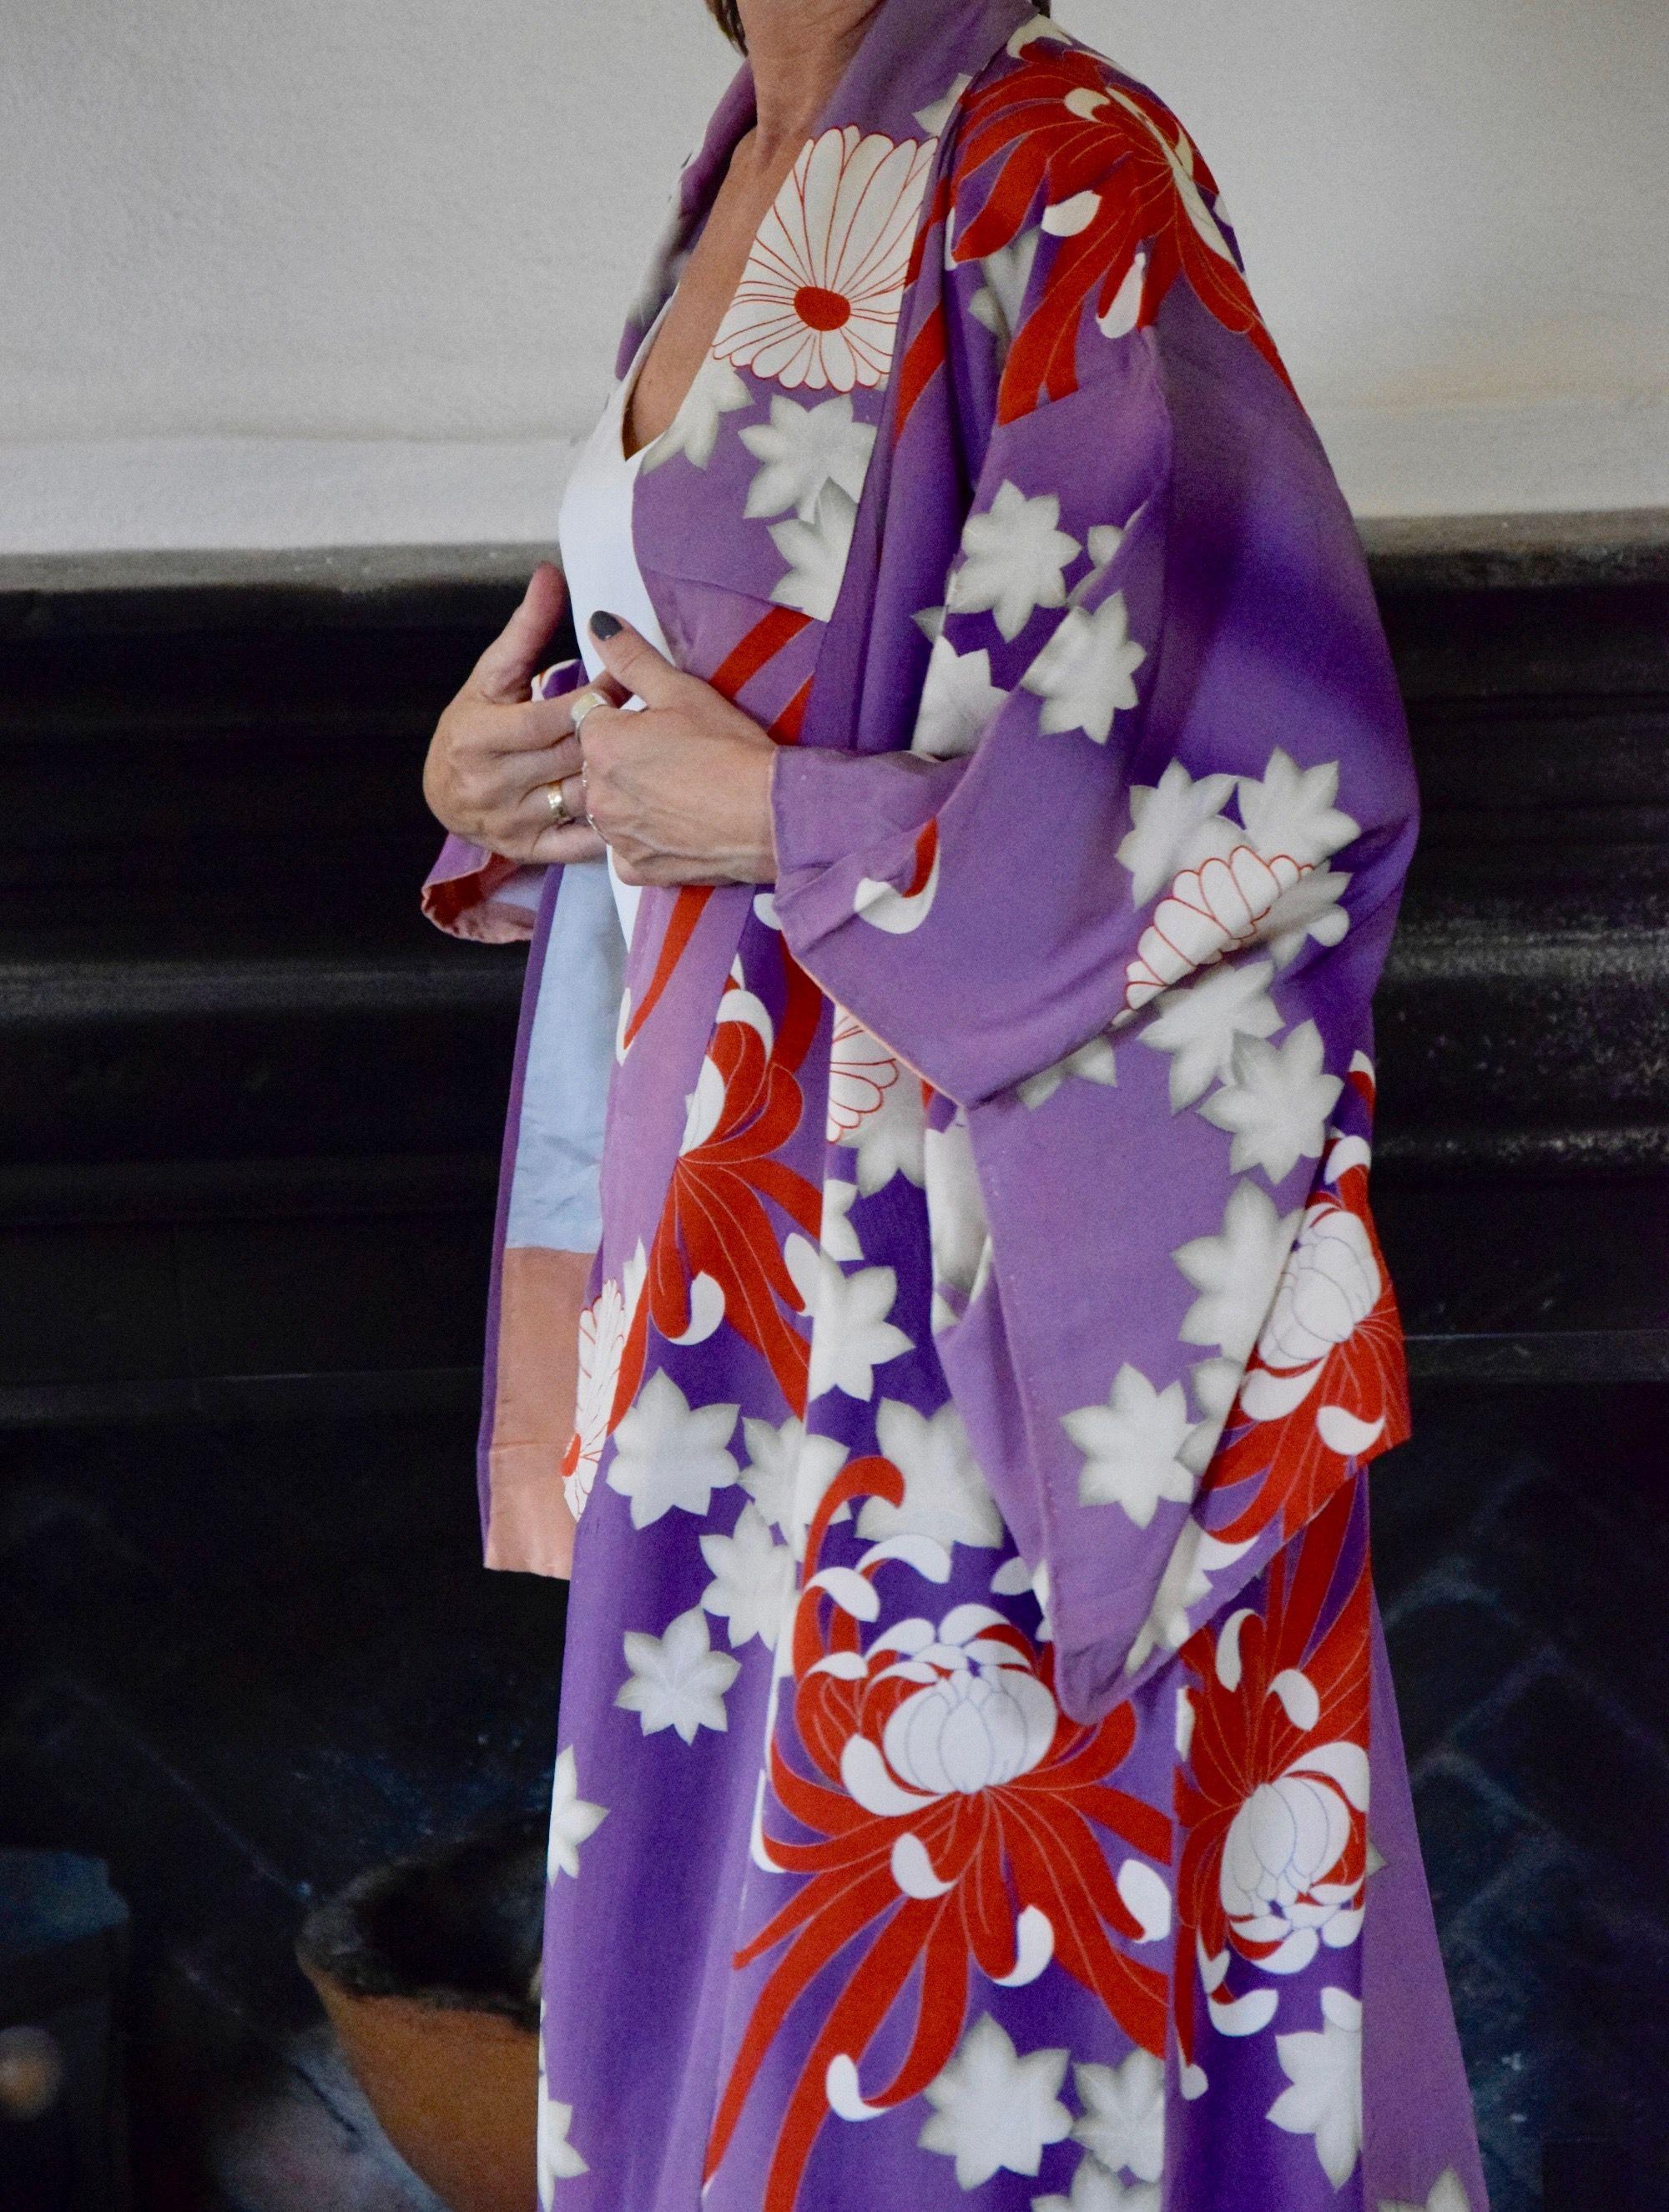 Japanisch Samue Damen Traditionell Arbeit Kimono Kleidung Satz Lila Von Japan